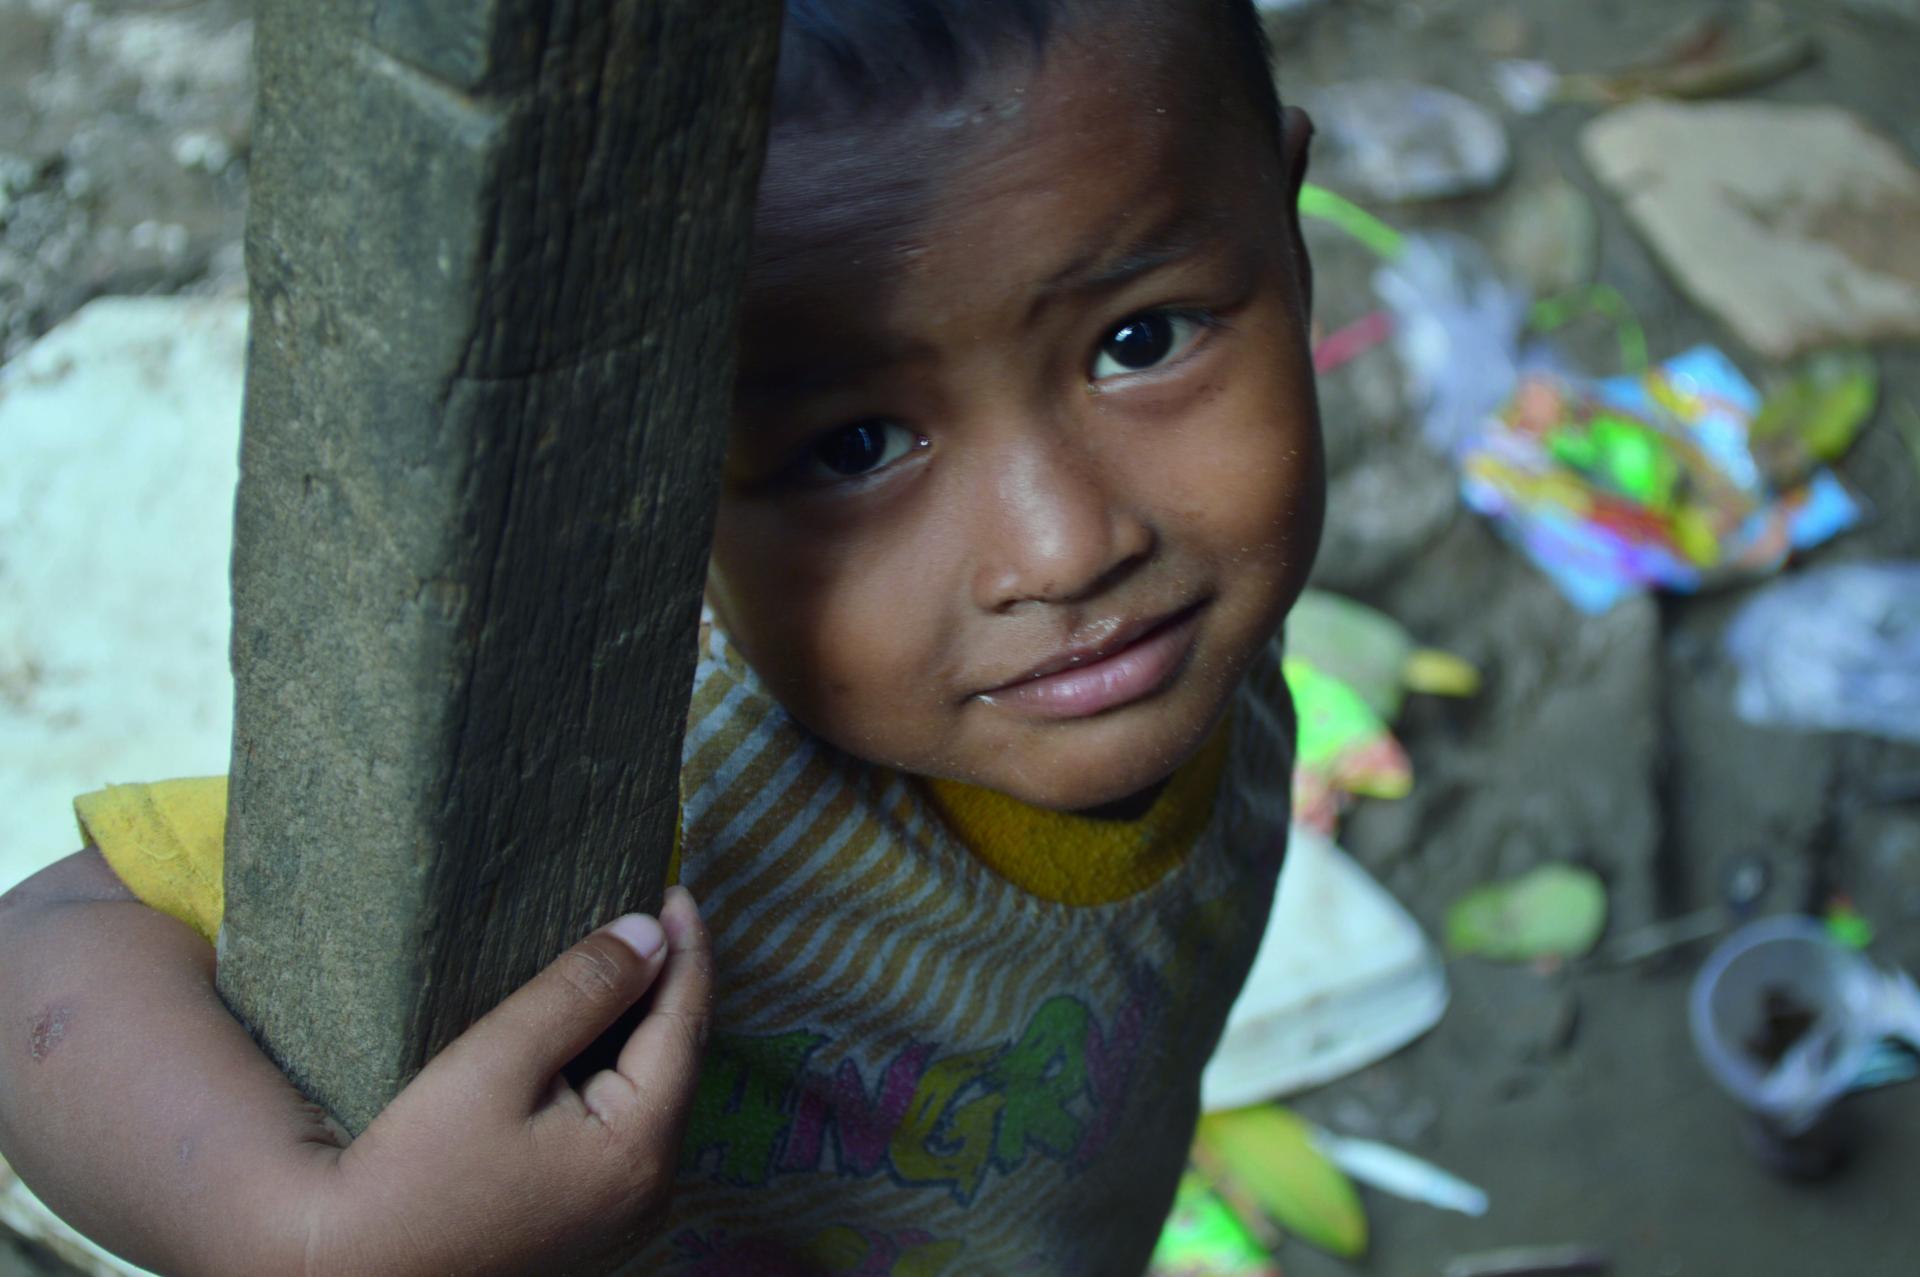 Un enfant d'une zone de grande pauvreté